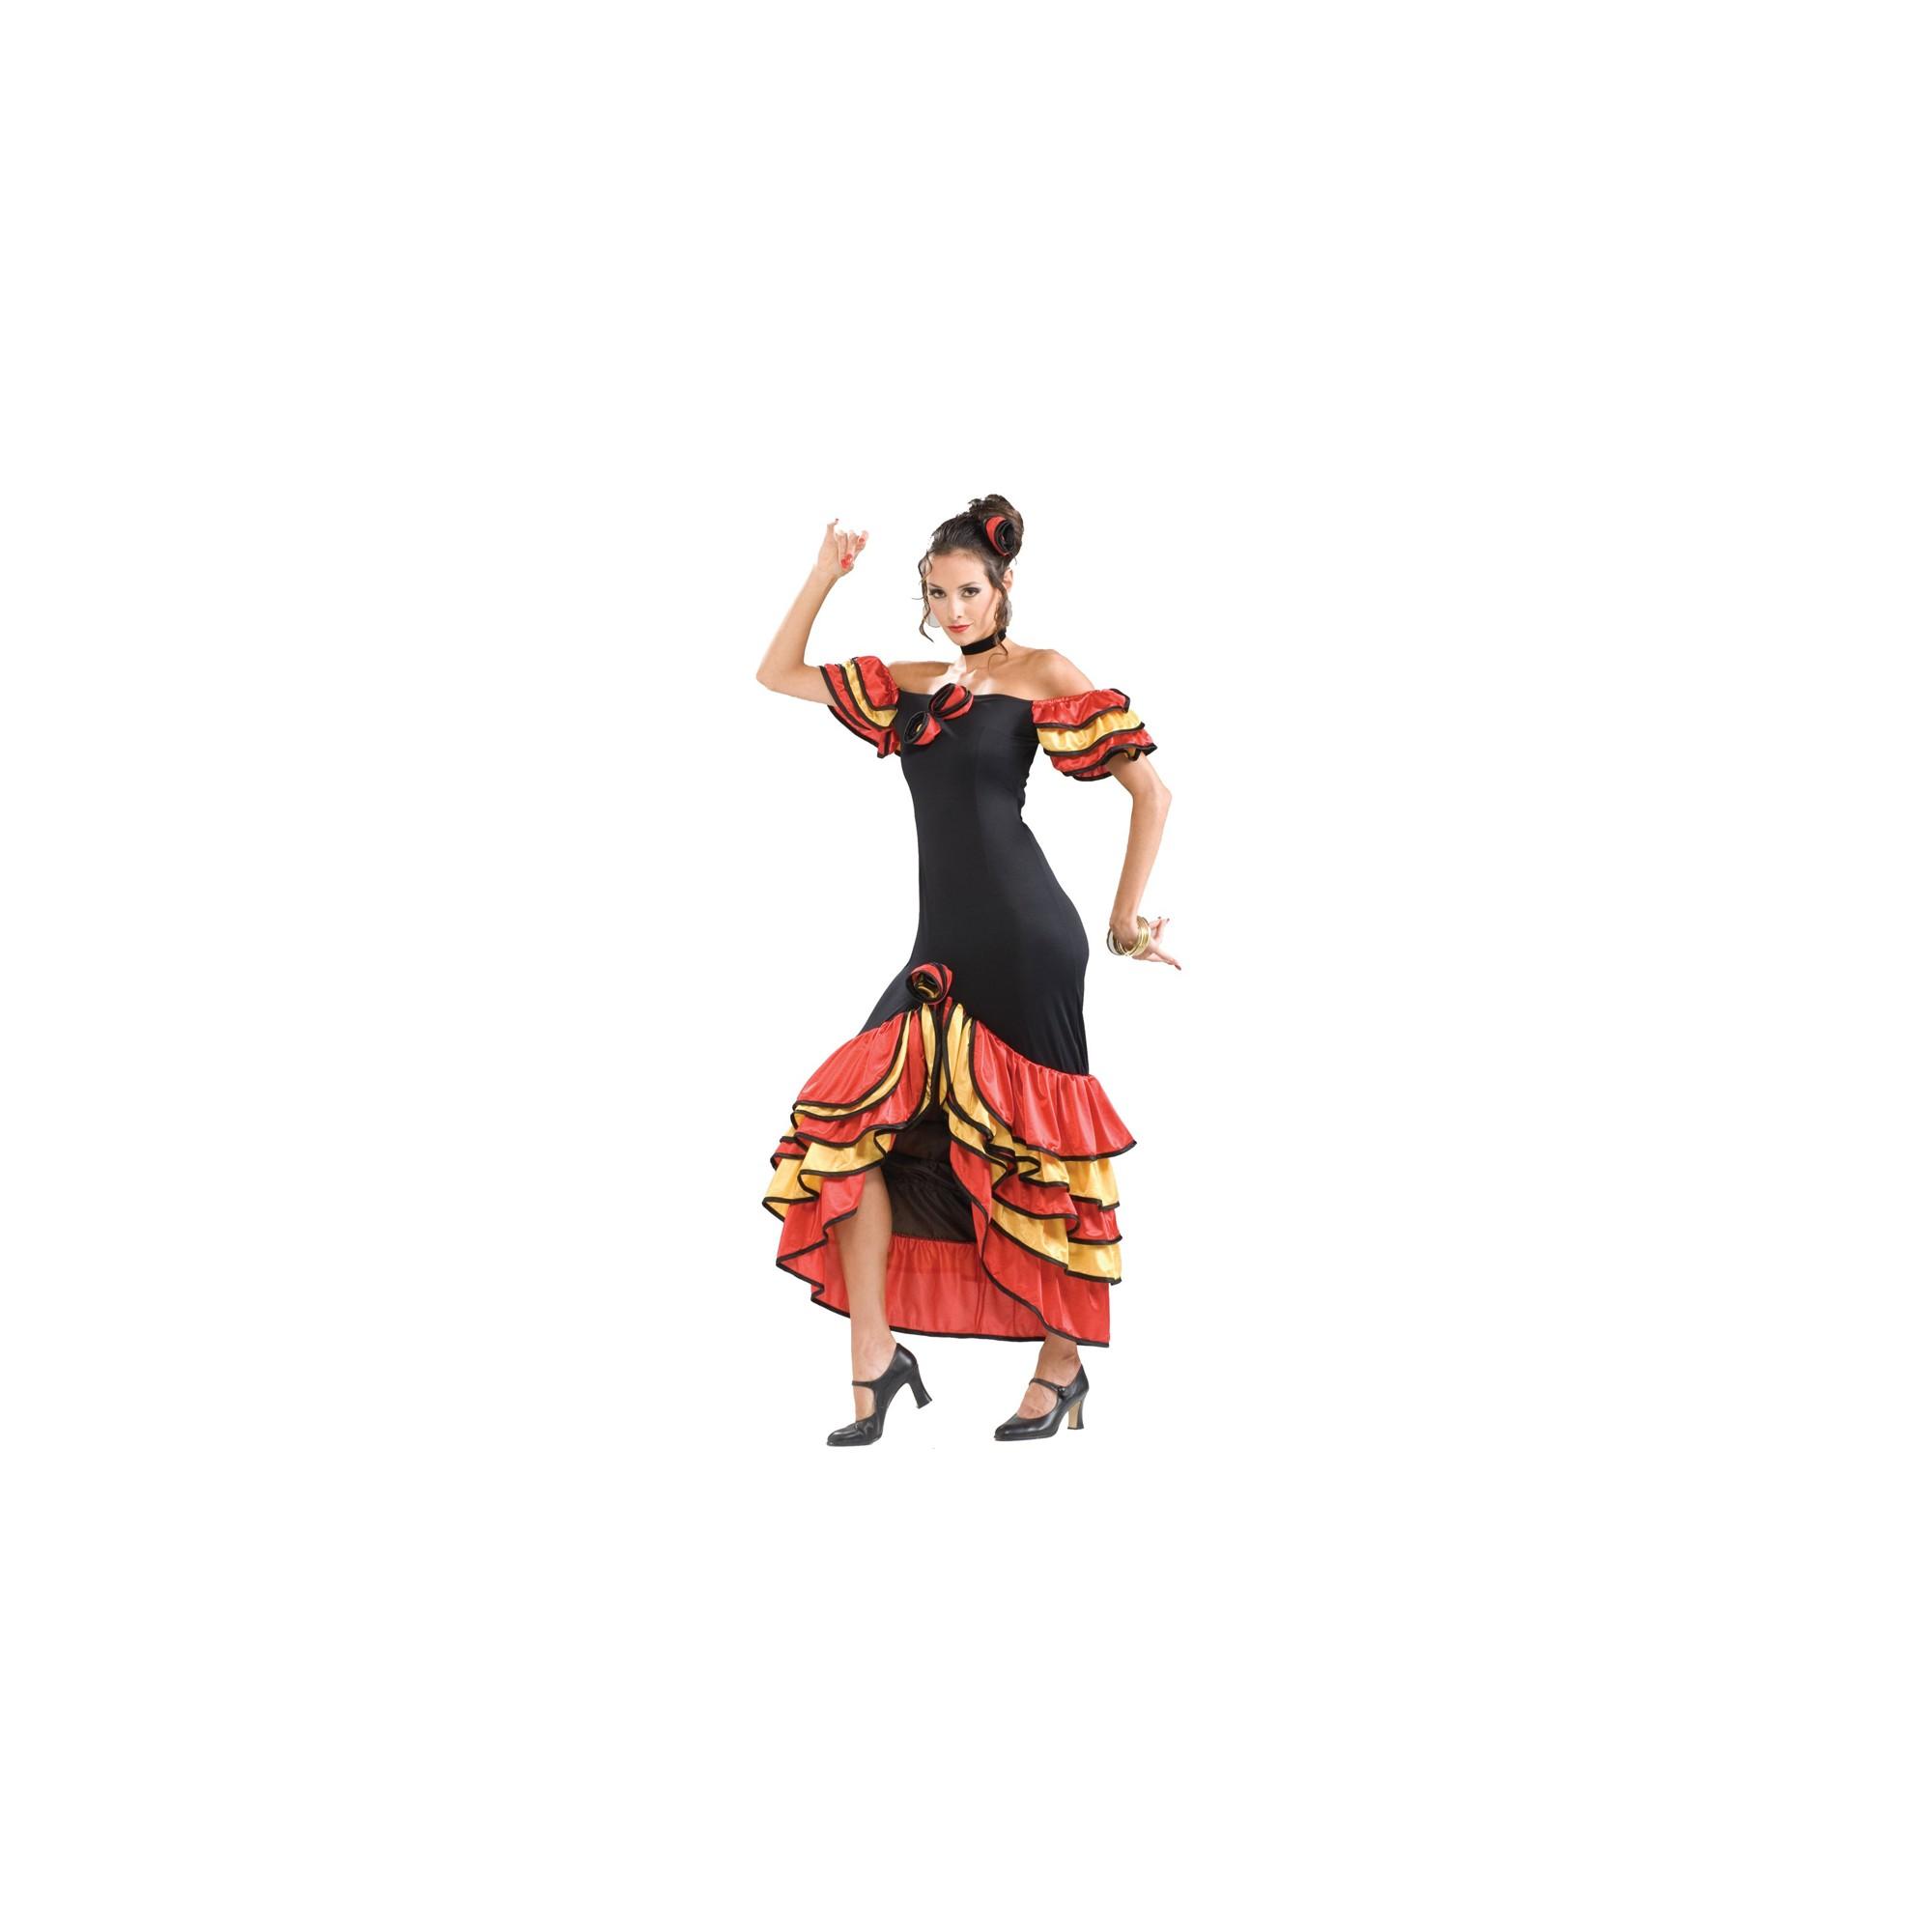 Halloween Women's Spanish Senorita Costume One Size, Black/Red/Yellow